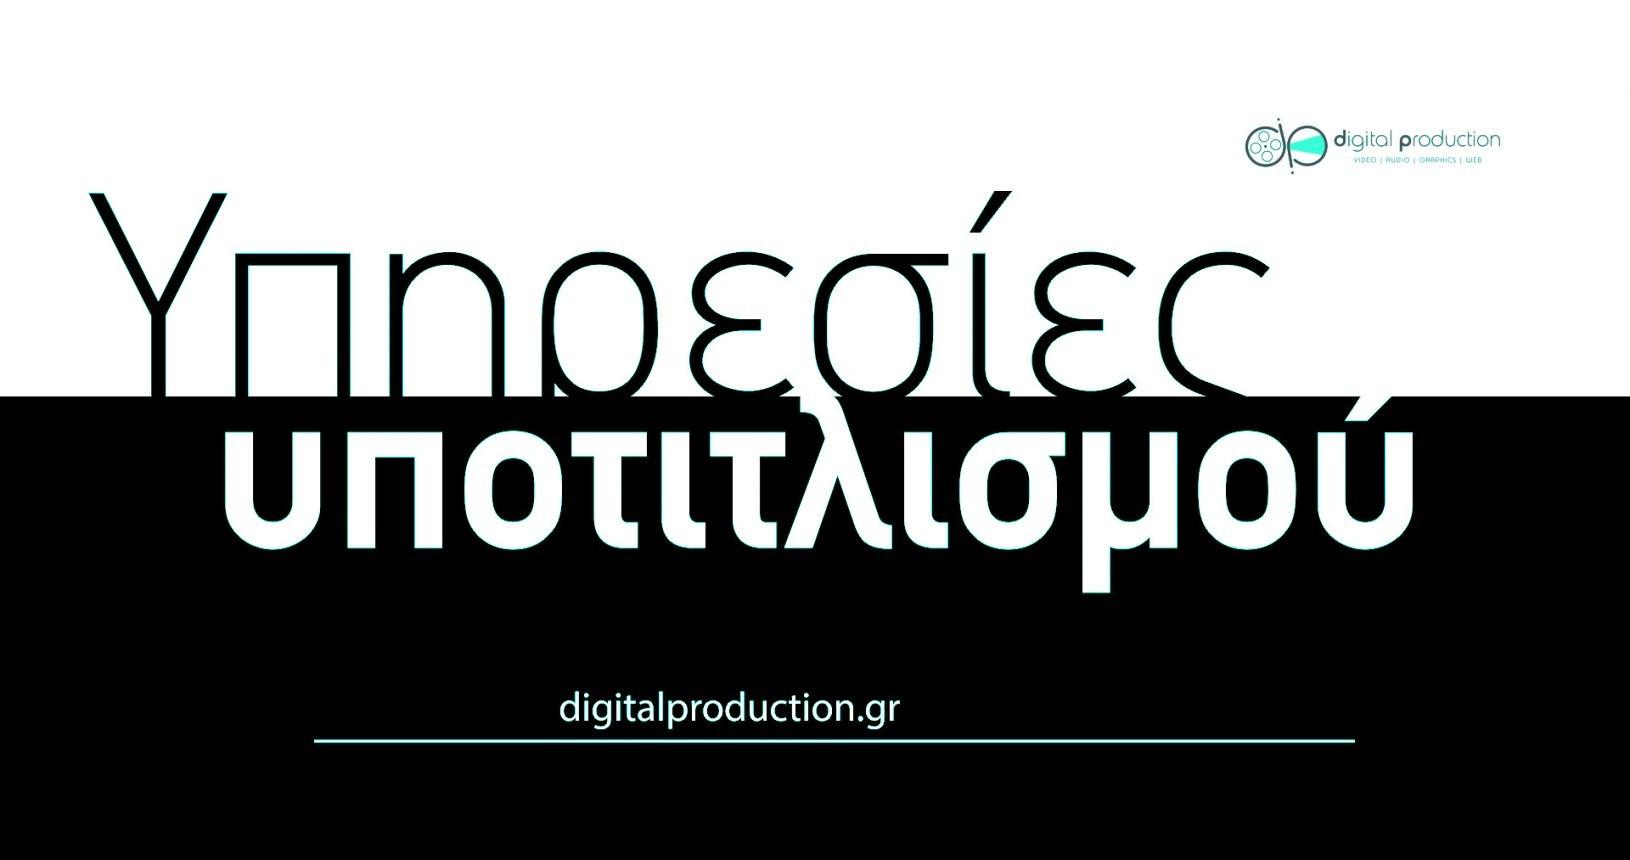 Υπηρεσίες υποτιτλισμού βίντεο από και σε όλες τις γλώσσες | Digital Production